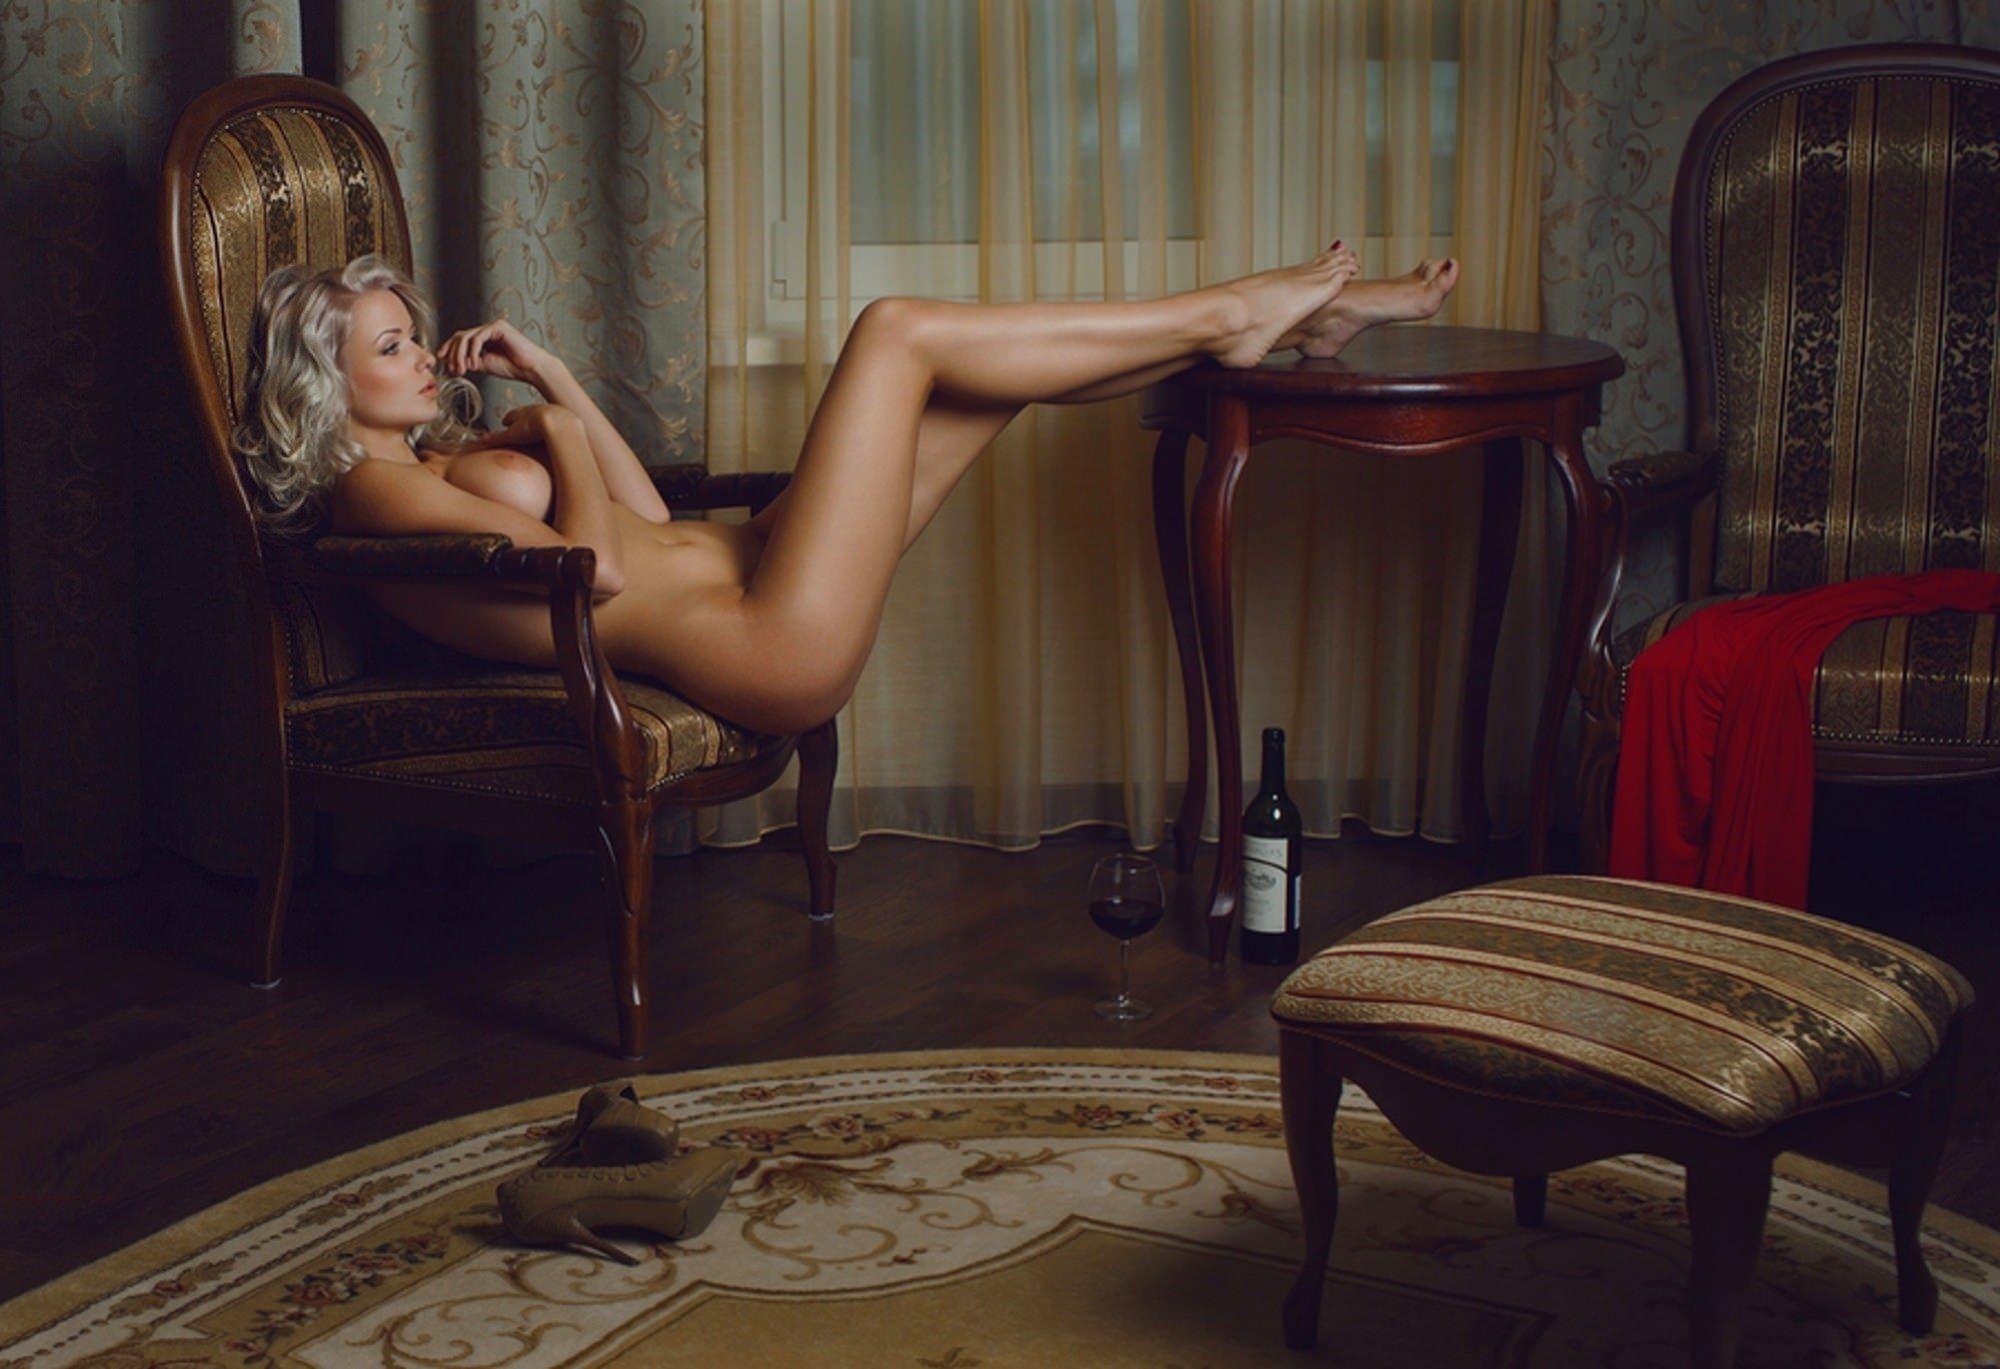 Секси женщина на стуле фото смотреть 17 фотография